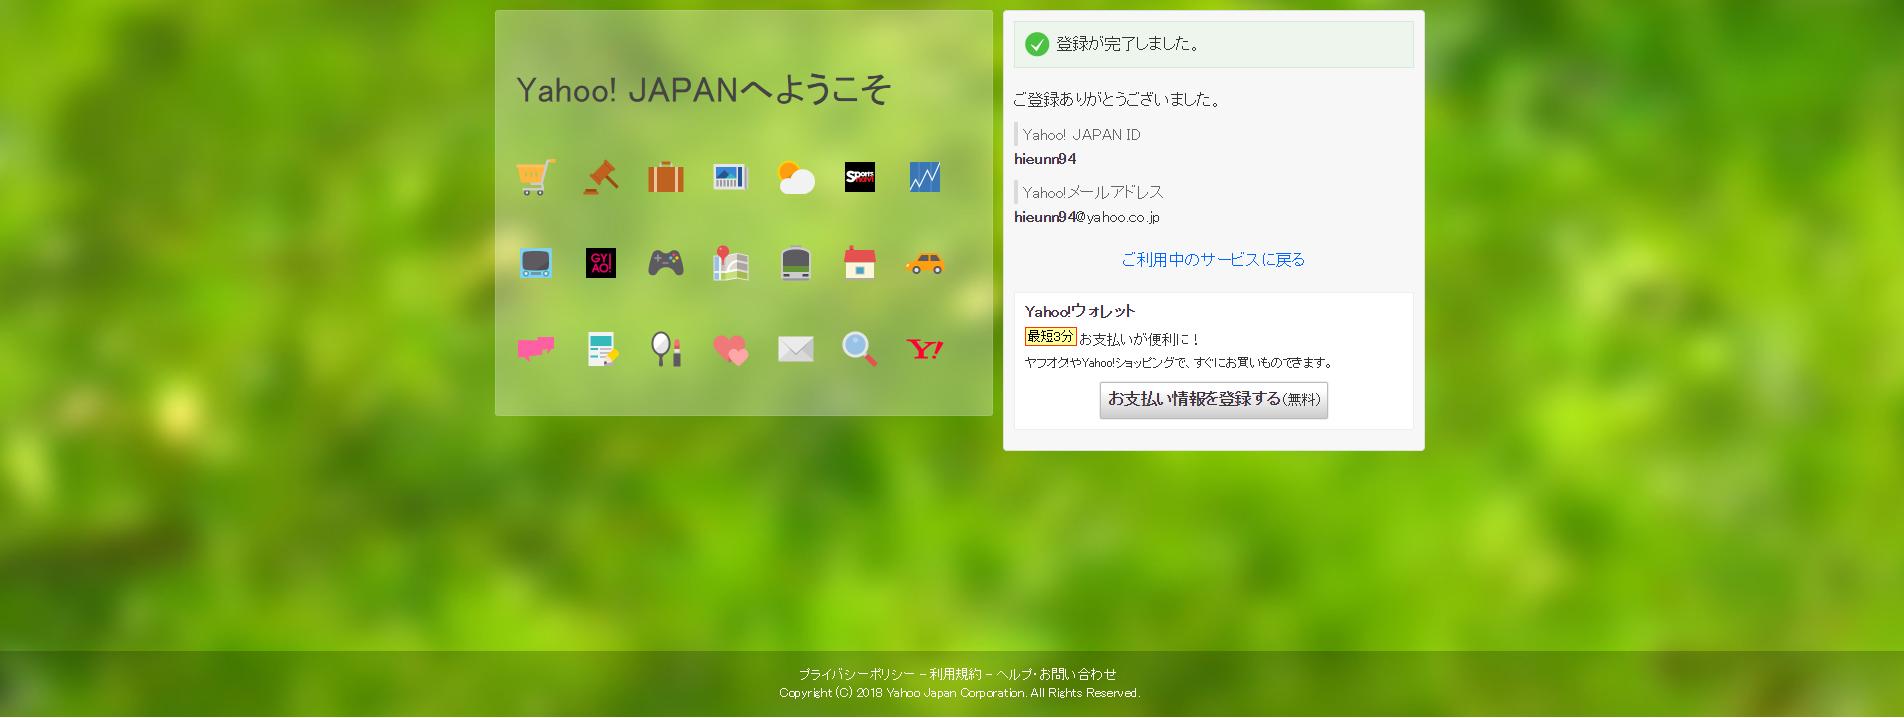 Bước 3 đăng ký tài khoản đấu giá trên Yahoo japanBước 3 đăng ký tài khoản đấu giá trên Yahoo japan